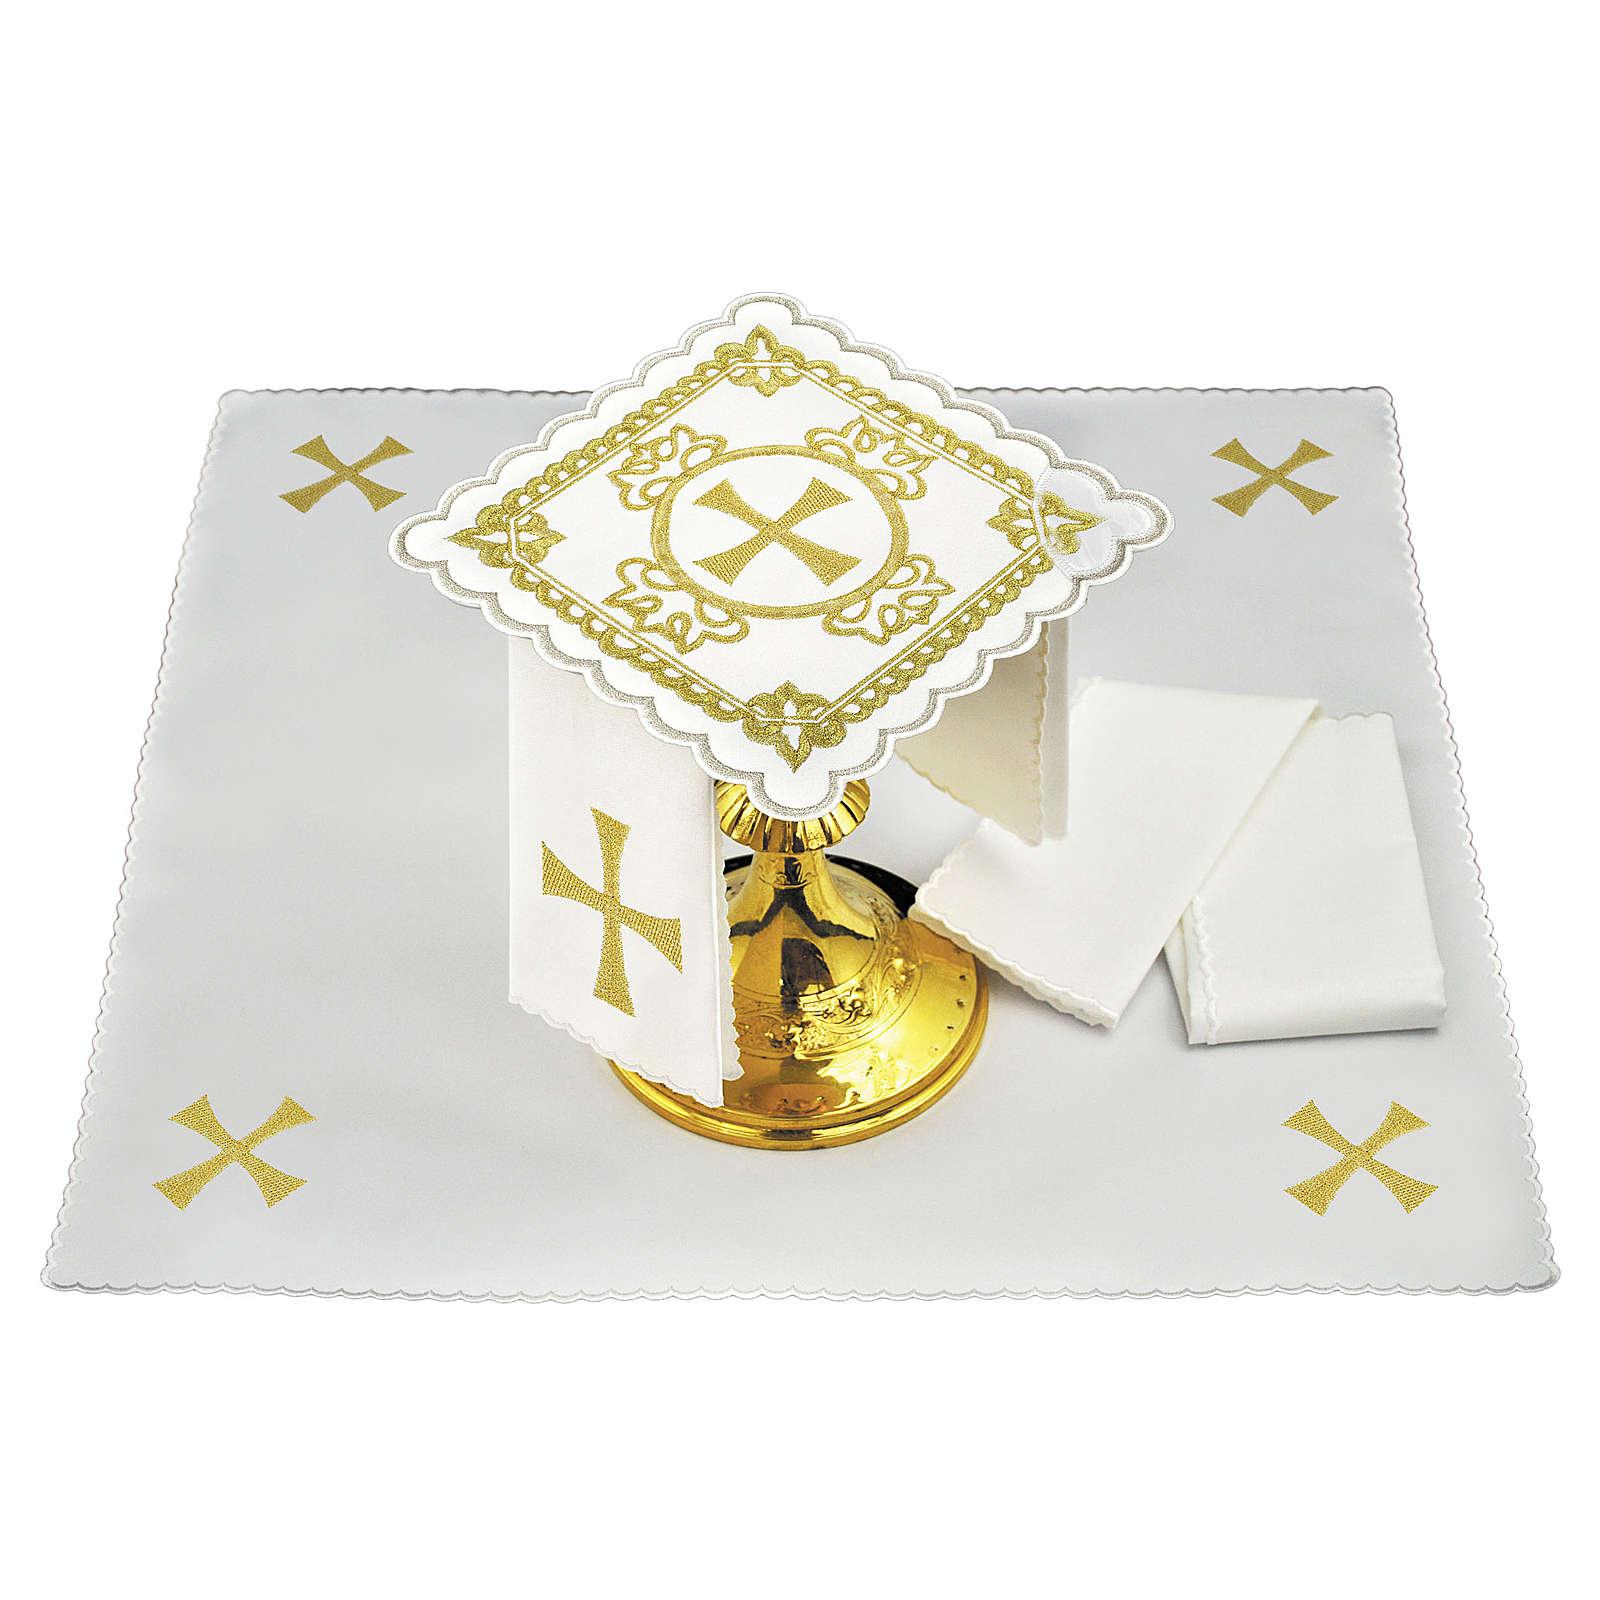 Servizio da altare lino croce decori ricamati dorati 4